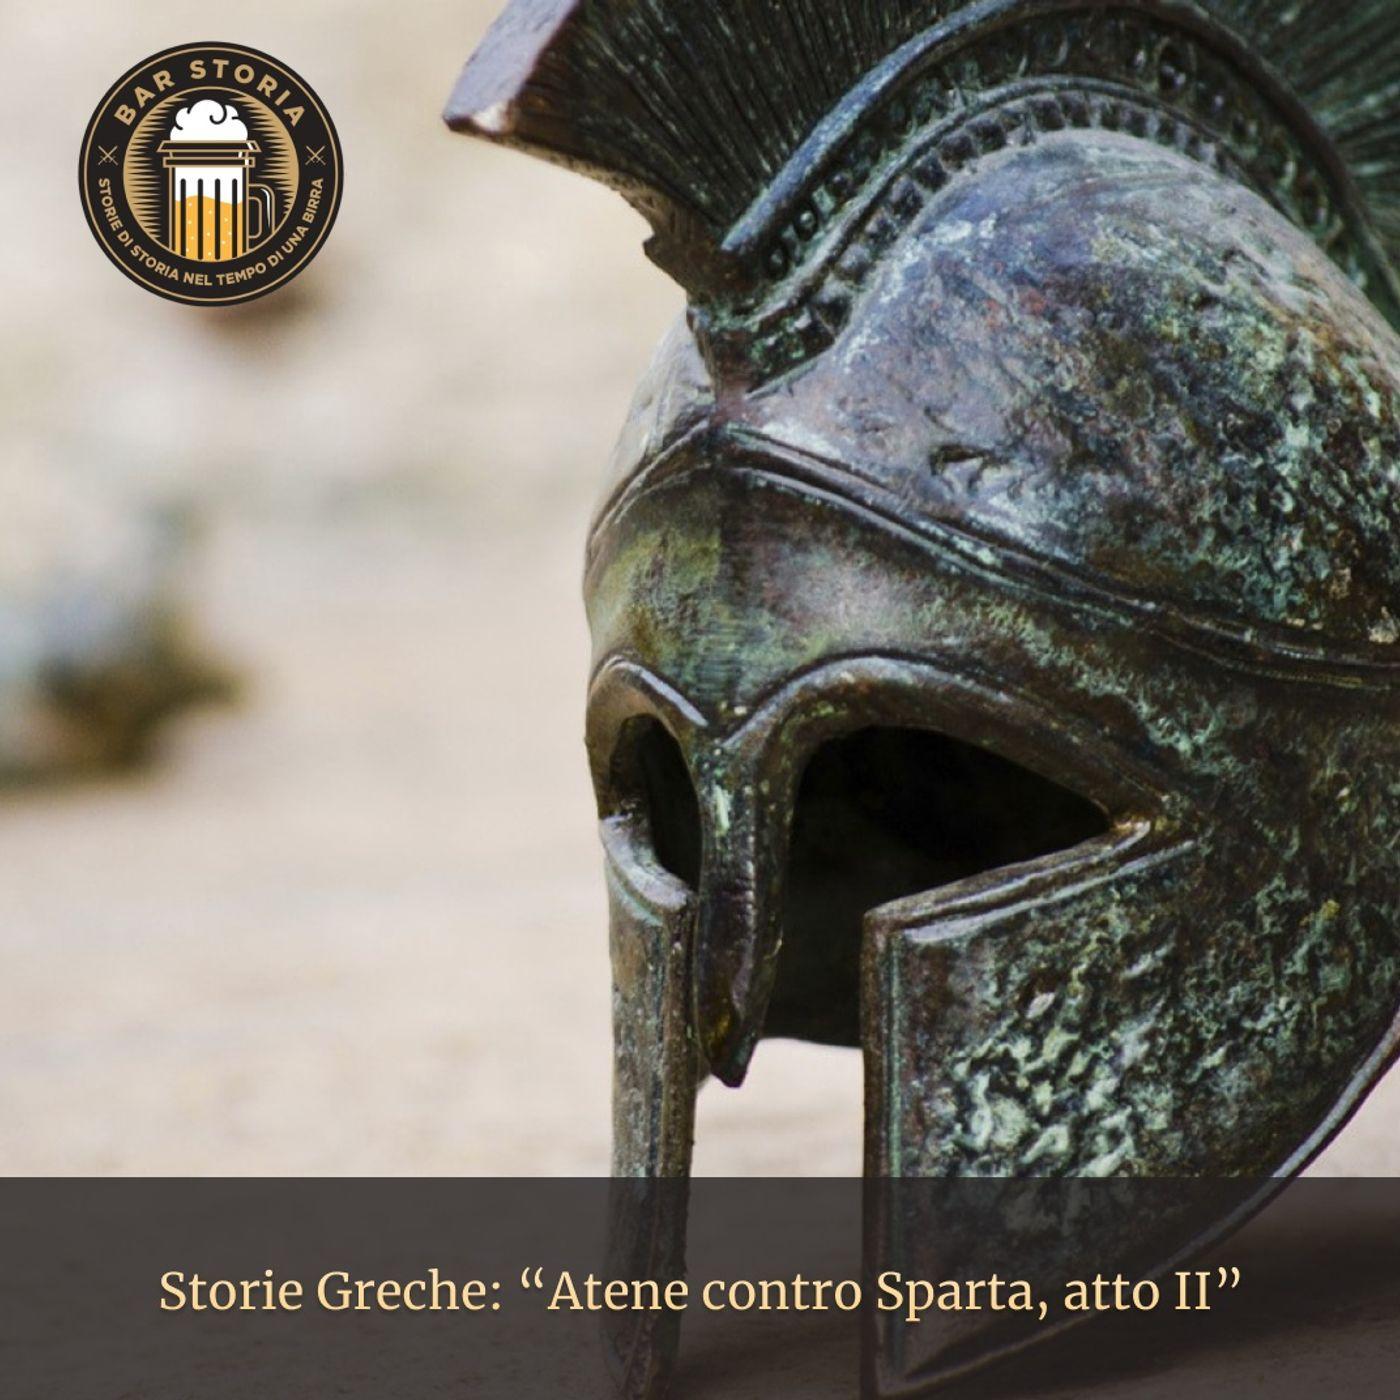 Storie Greche - Atene contro Sparta, atto II